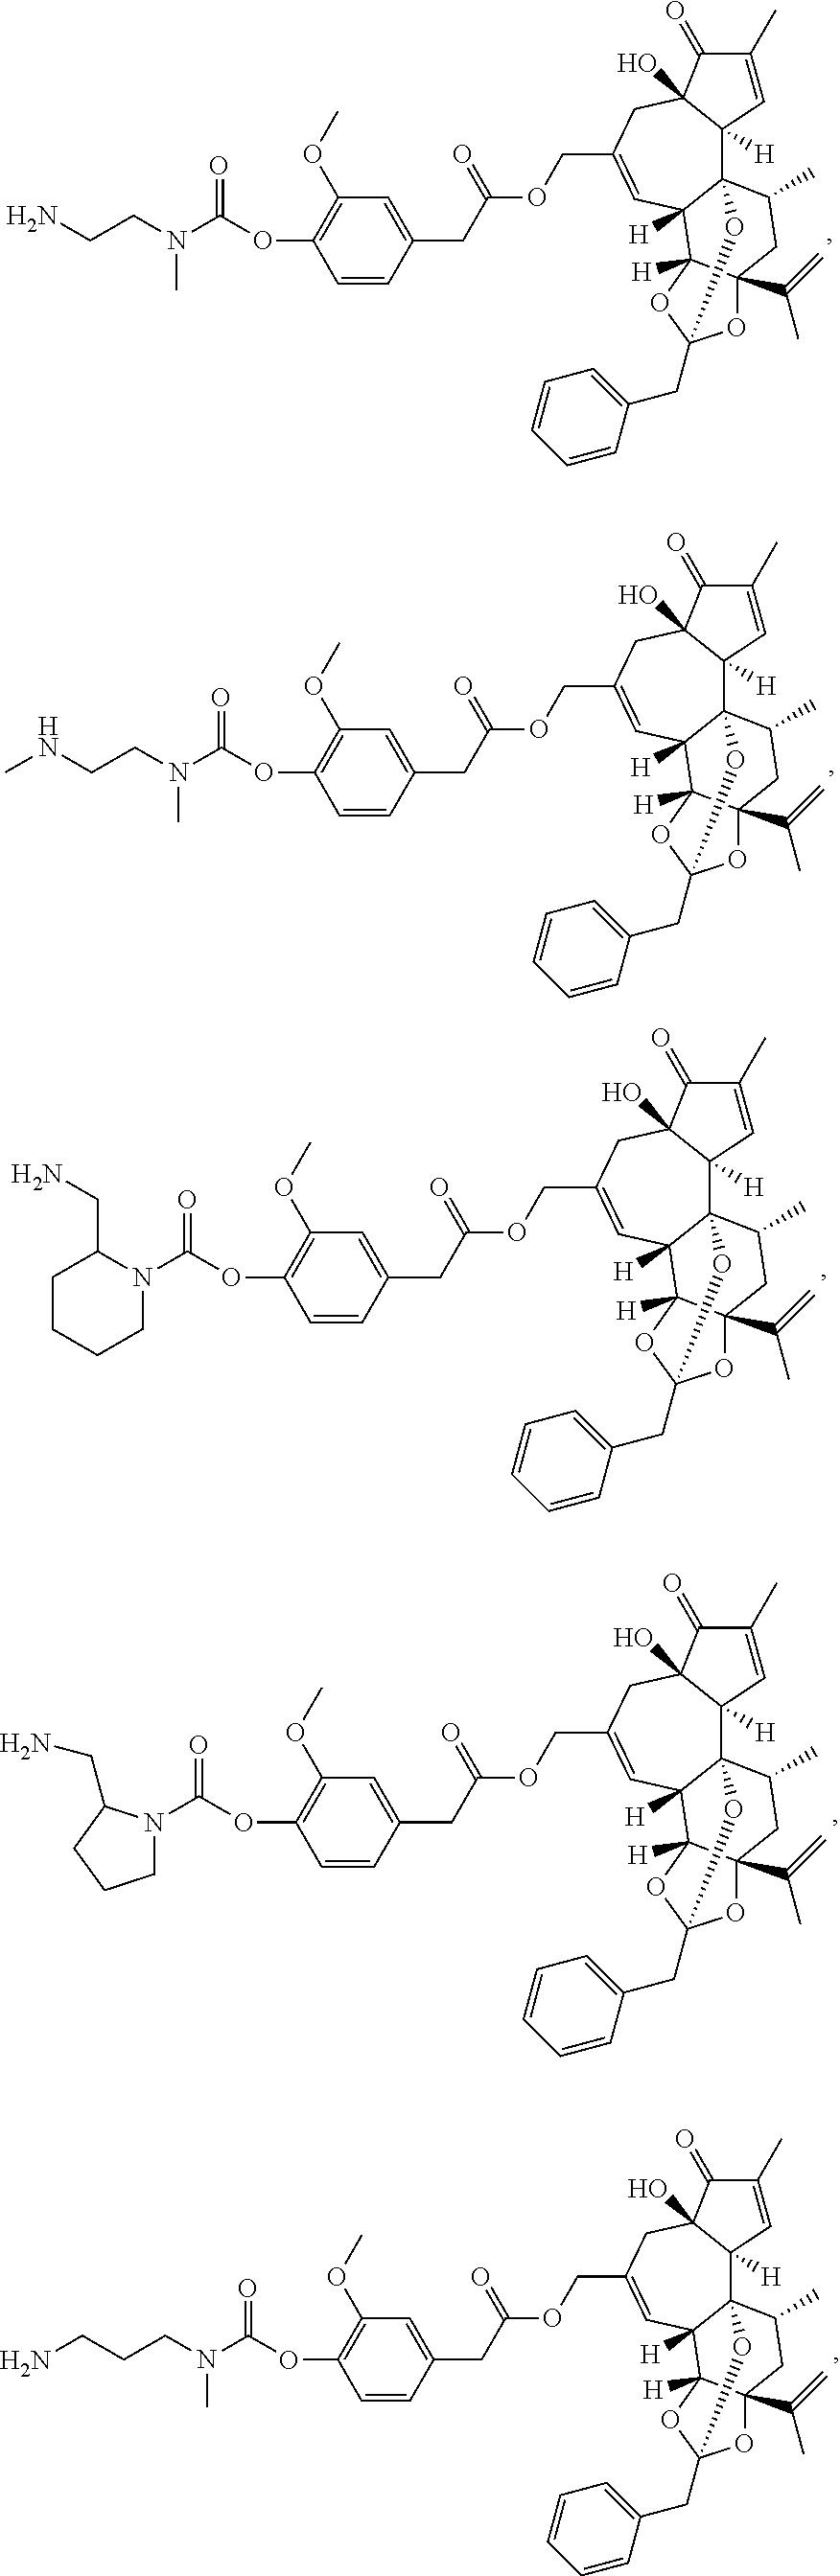 Figure US09359316-20160607-C00101